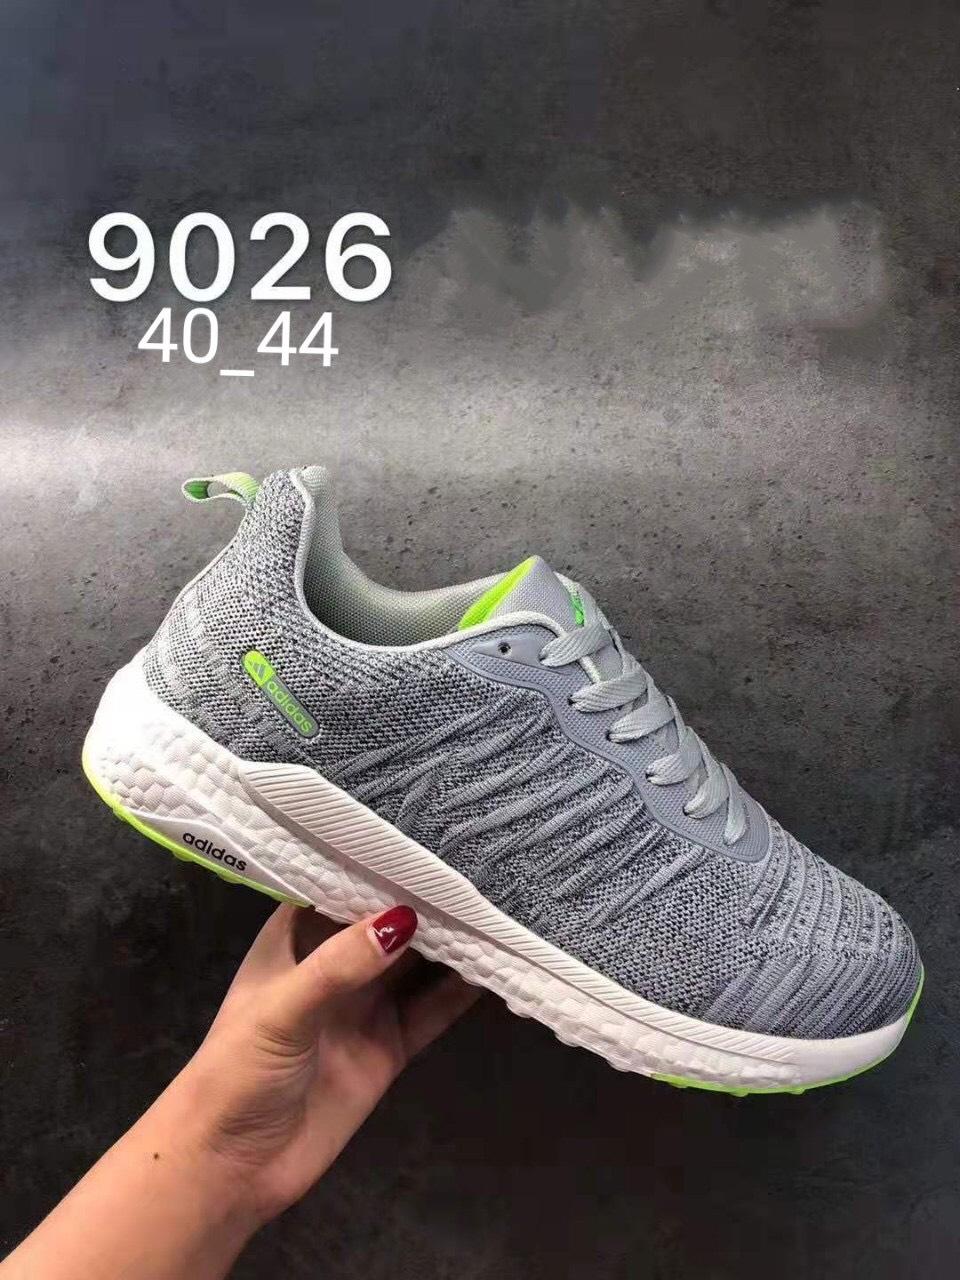 Giày Adidas Neo Nam V26 màu xám xanh